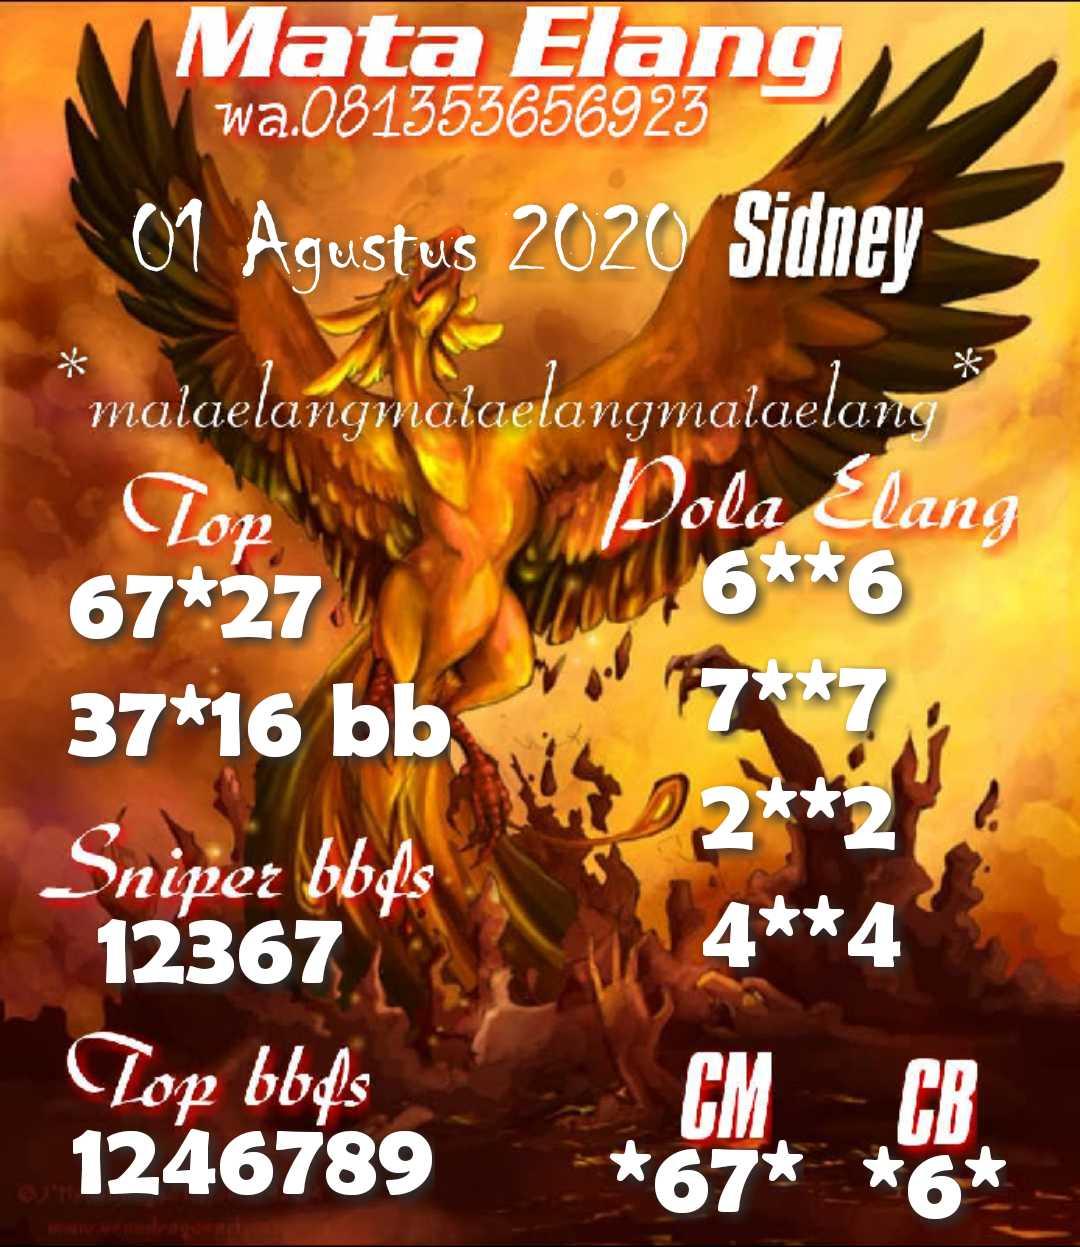 Kode syair Sydney Sabtu 1 Agustus 2020 15